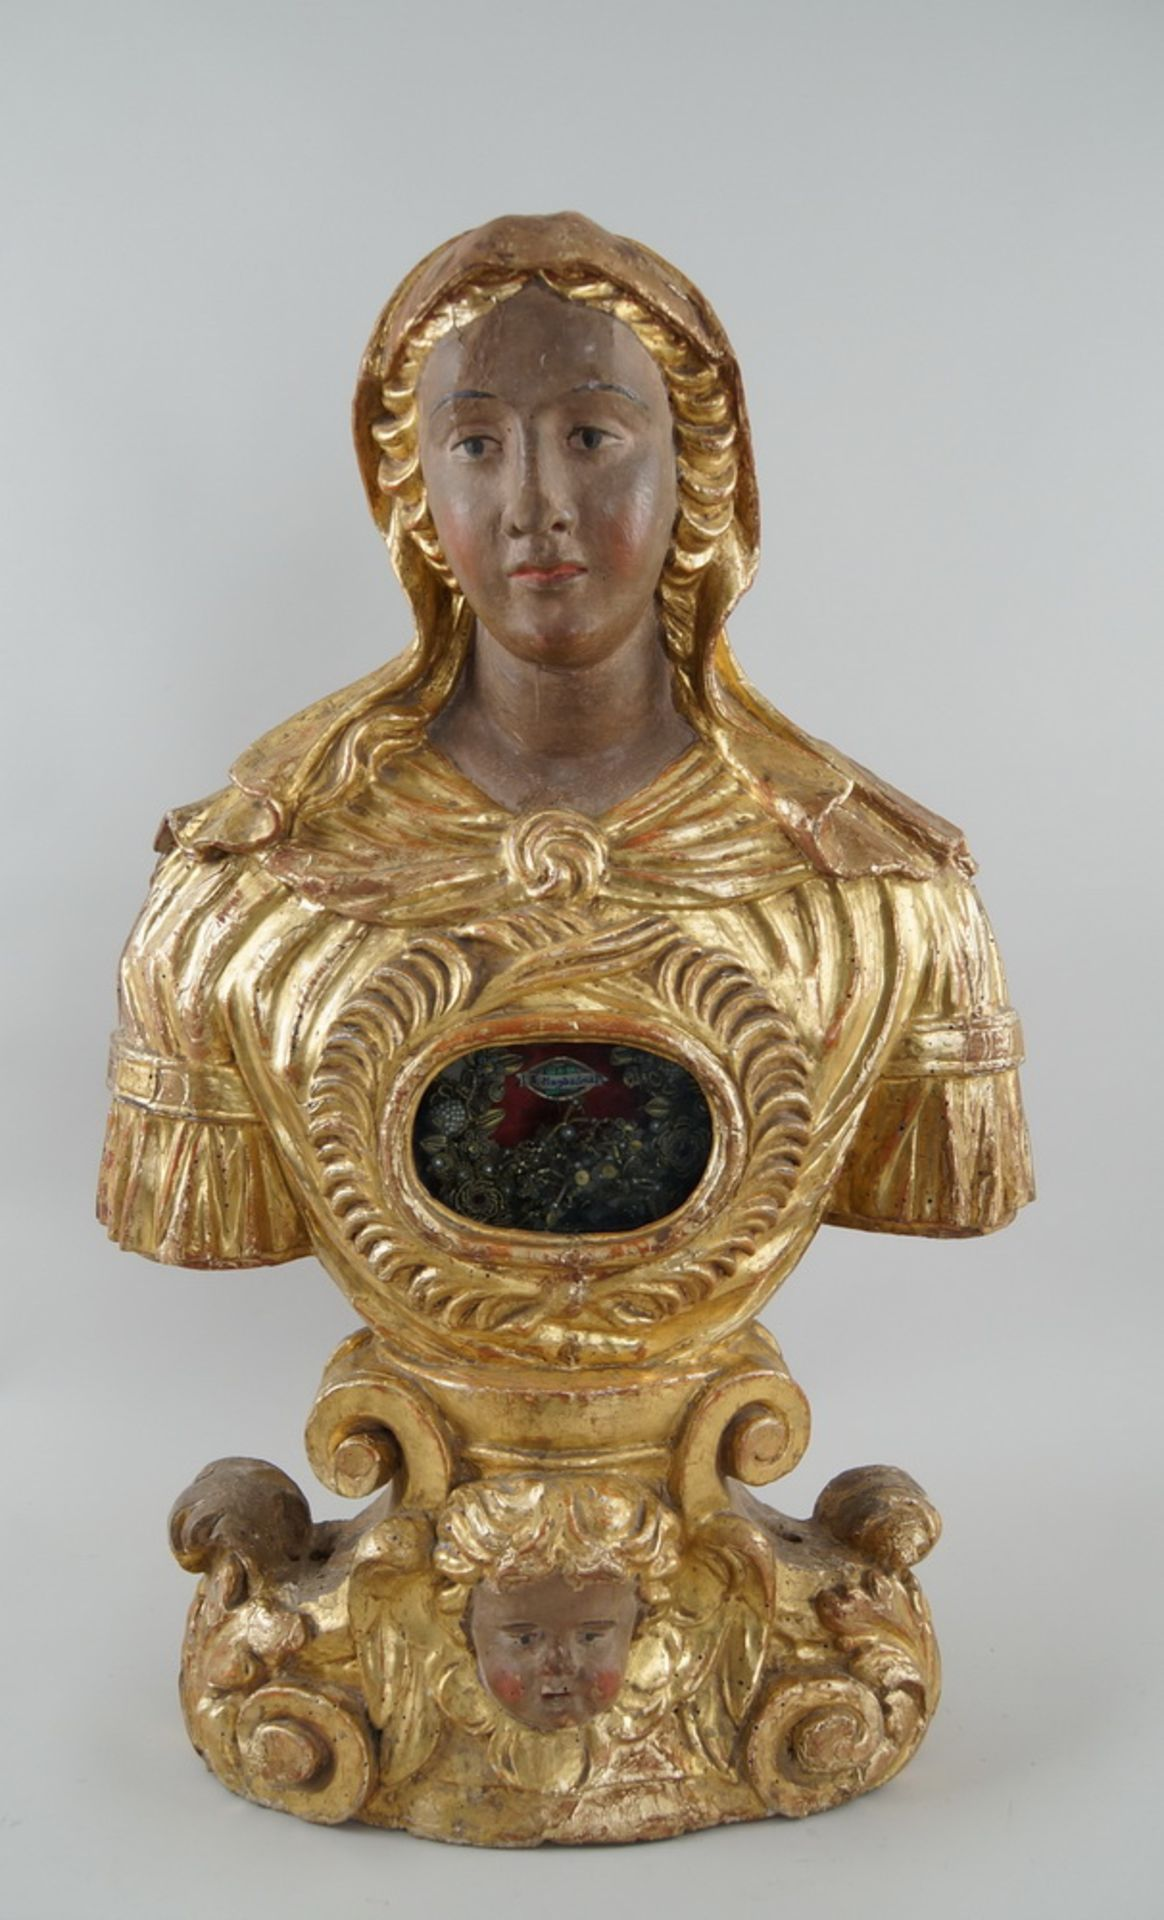 Prunkvolle Reliquienskulptur, Büste auf prächtigem Sockel, Holz geschnitzt, gefasst und - Bild 2 aus 9